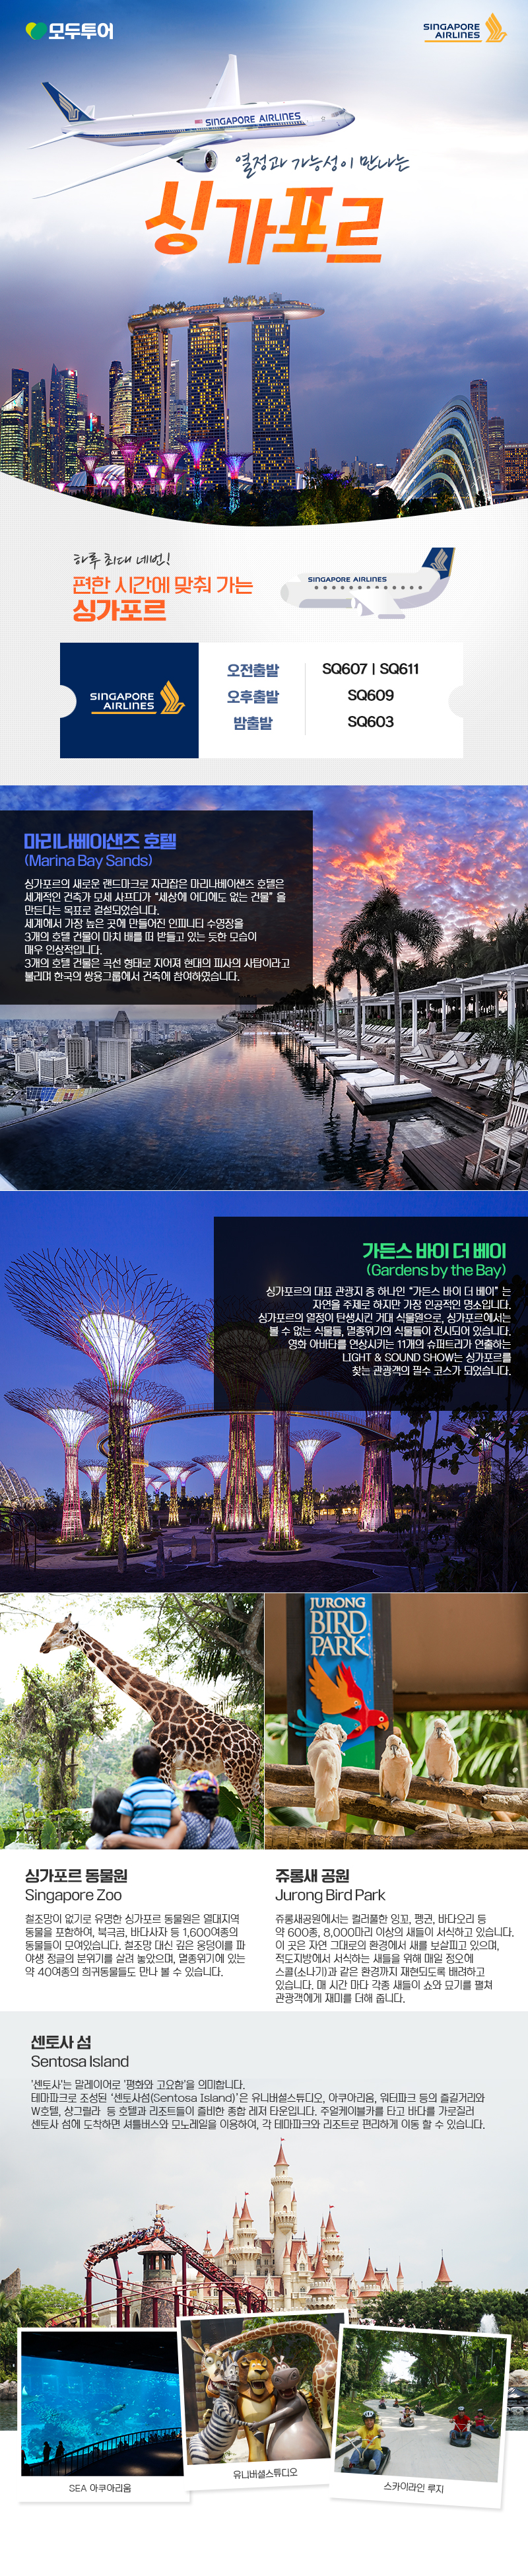 열정과 가능성이 만나는 싱가포르